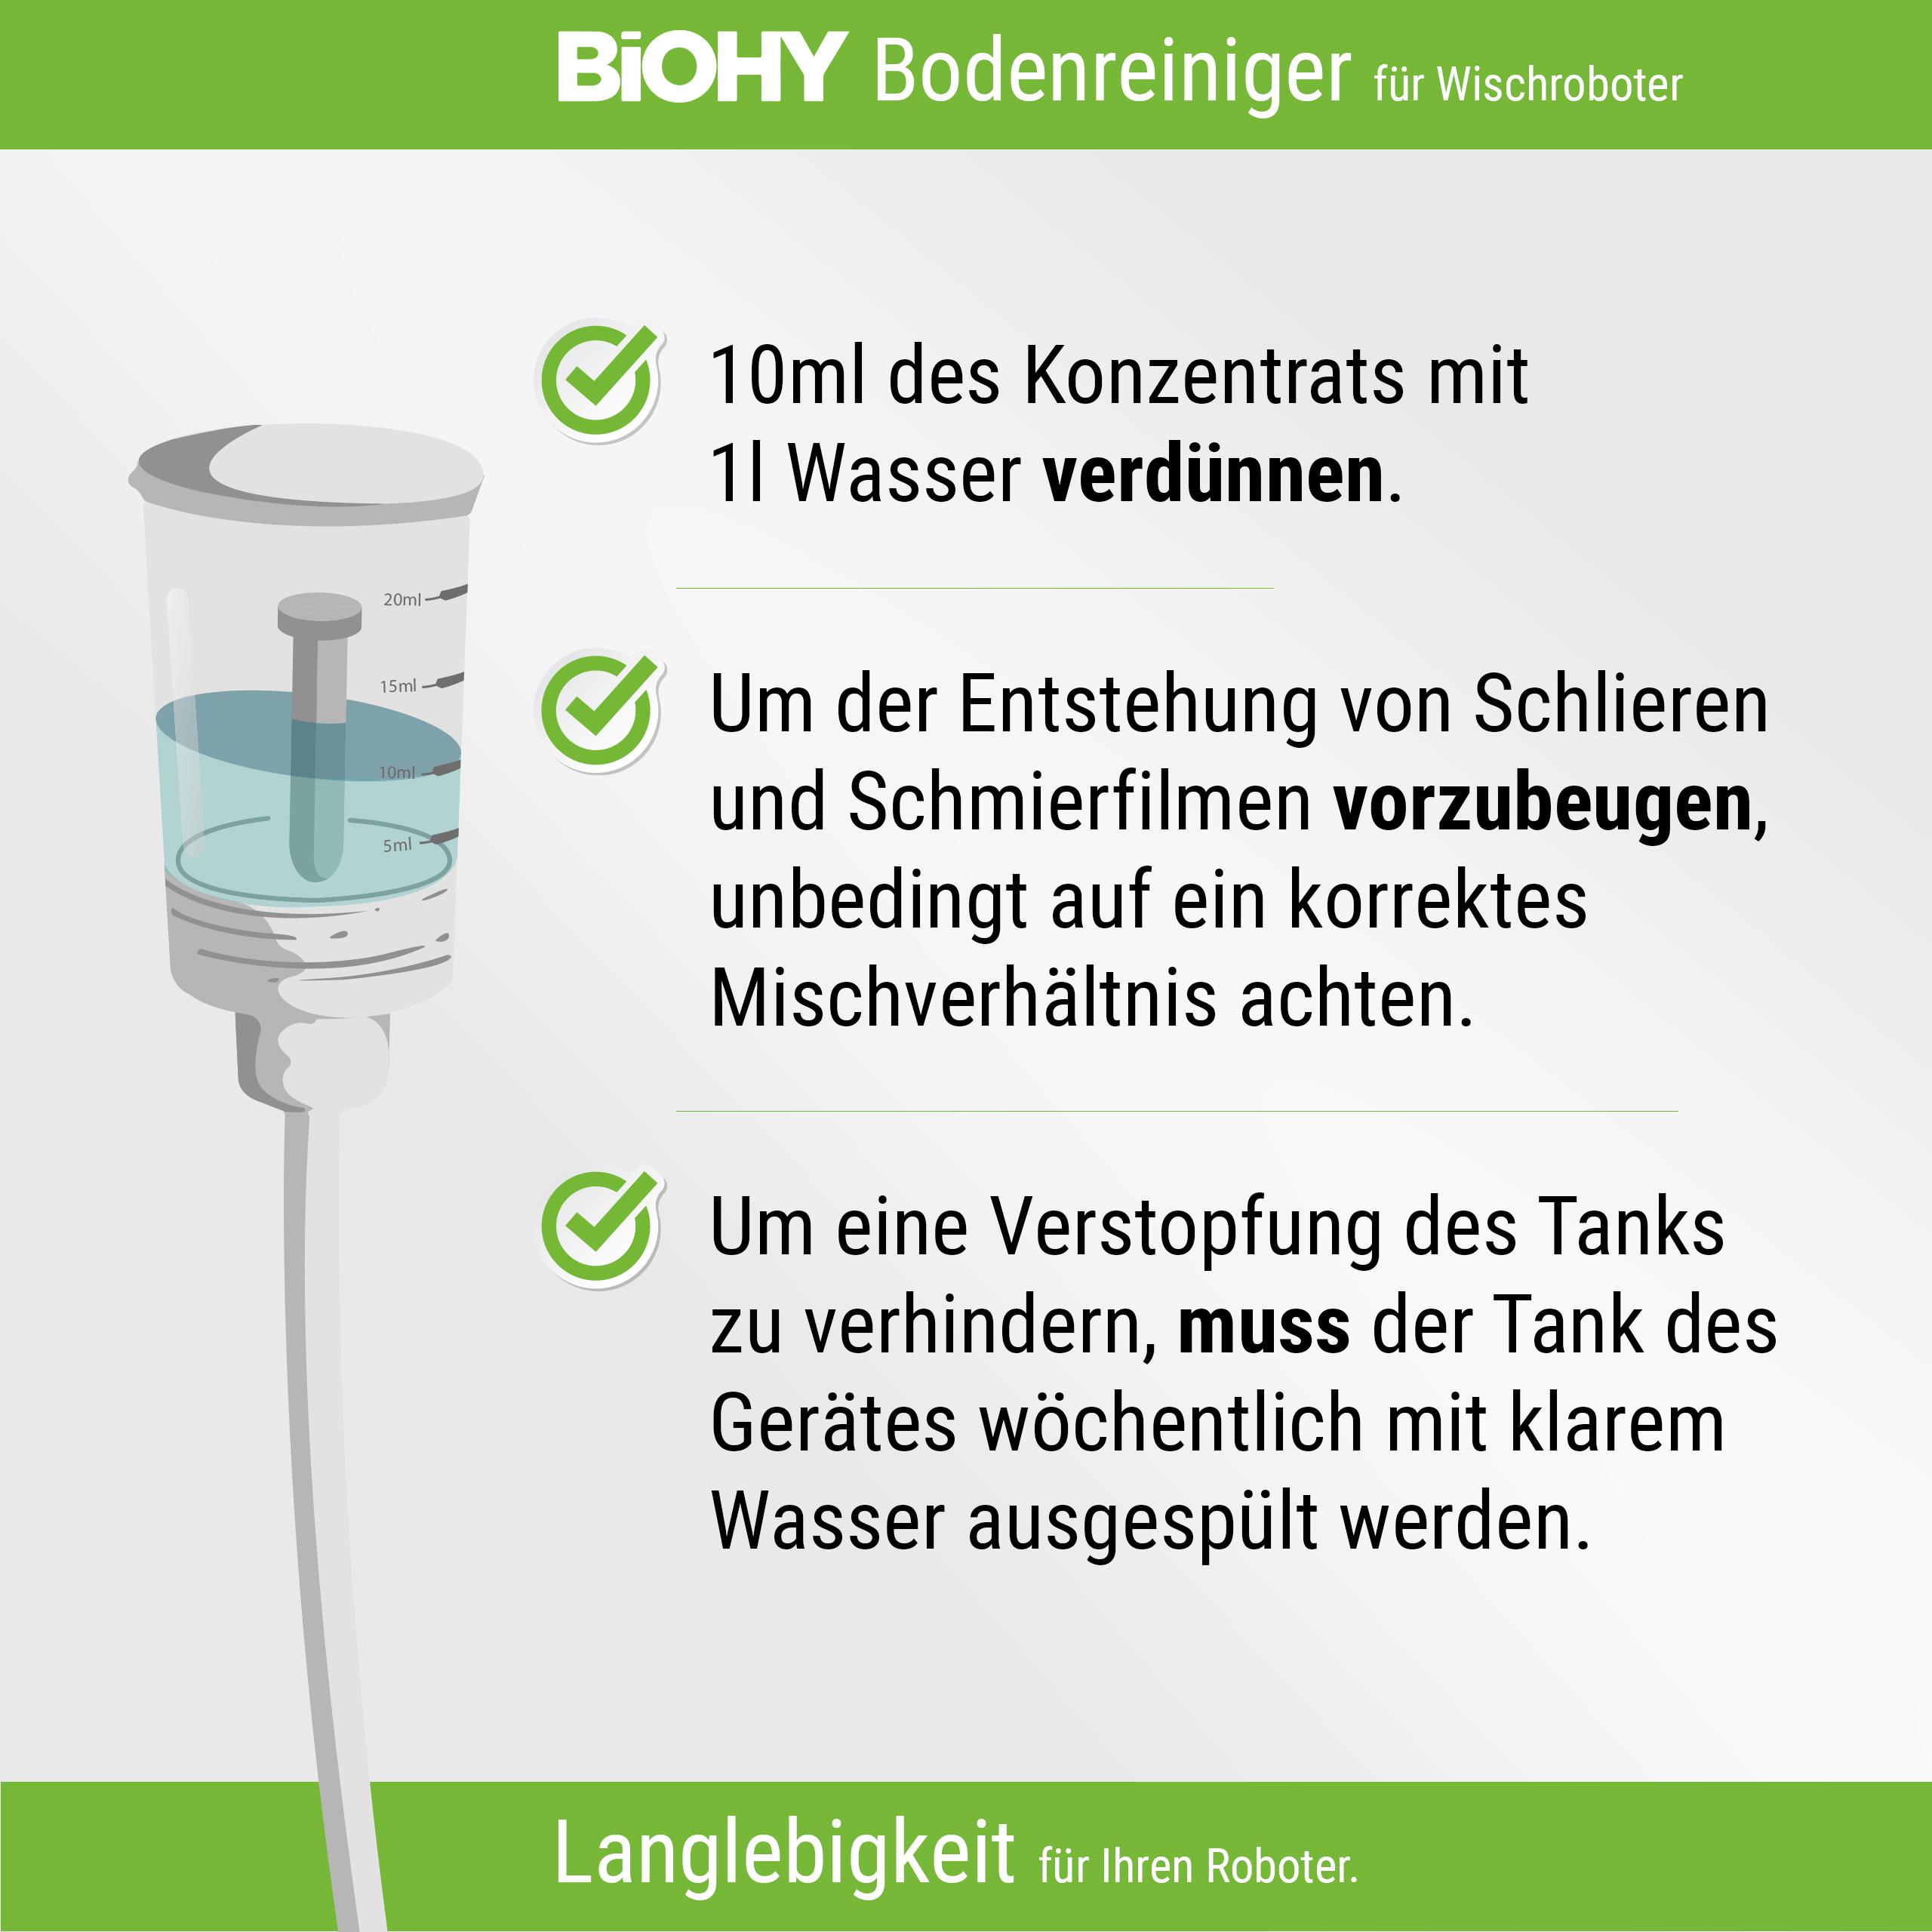 biohy-bodenreiniger-fuer-wischroboter-beschreibung_001